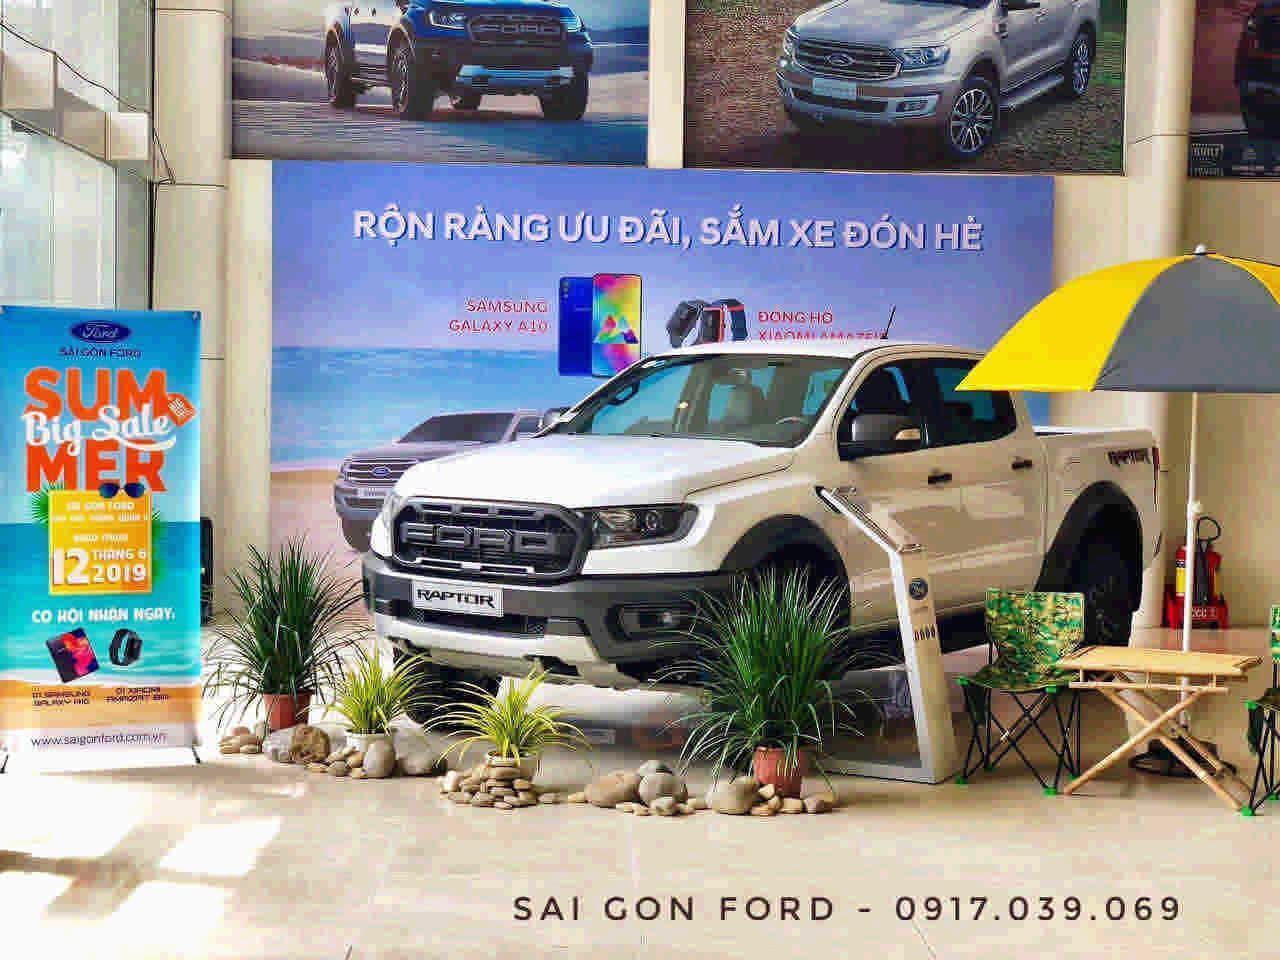 Giá Xe Bến Thành Ford Sài Gòn 07/2019